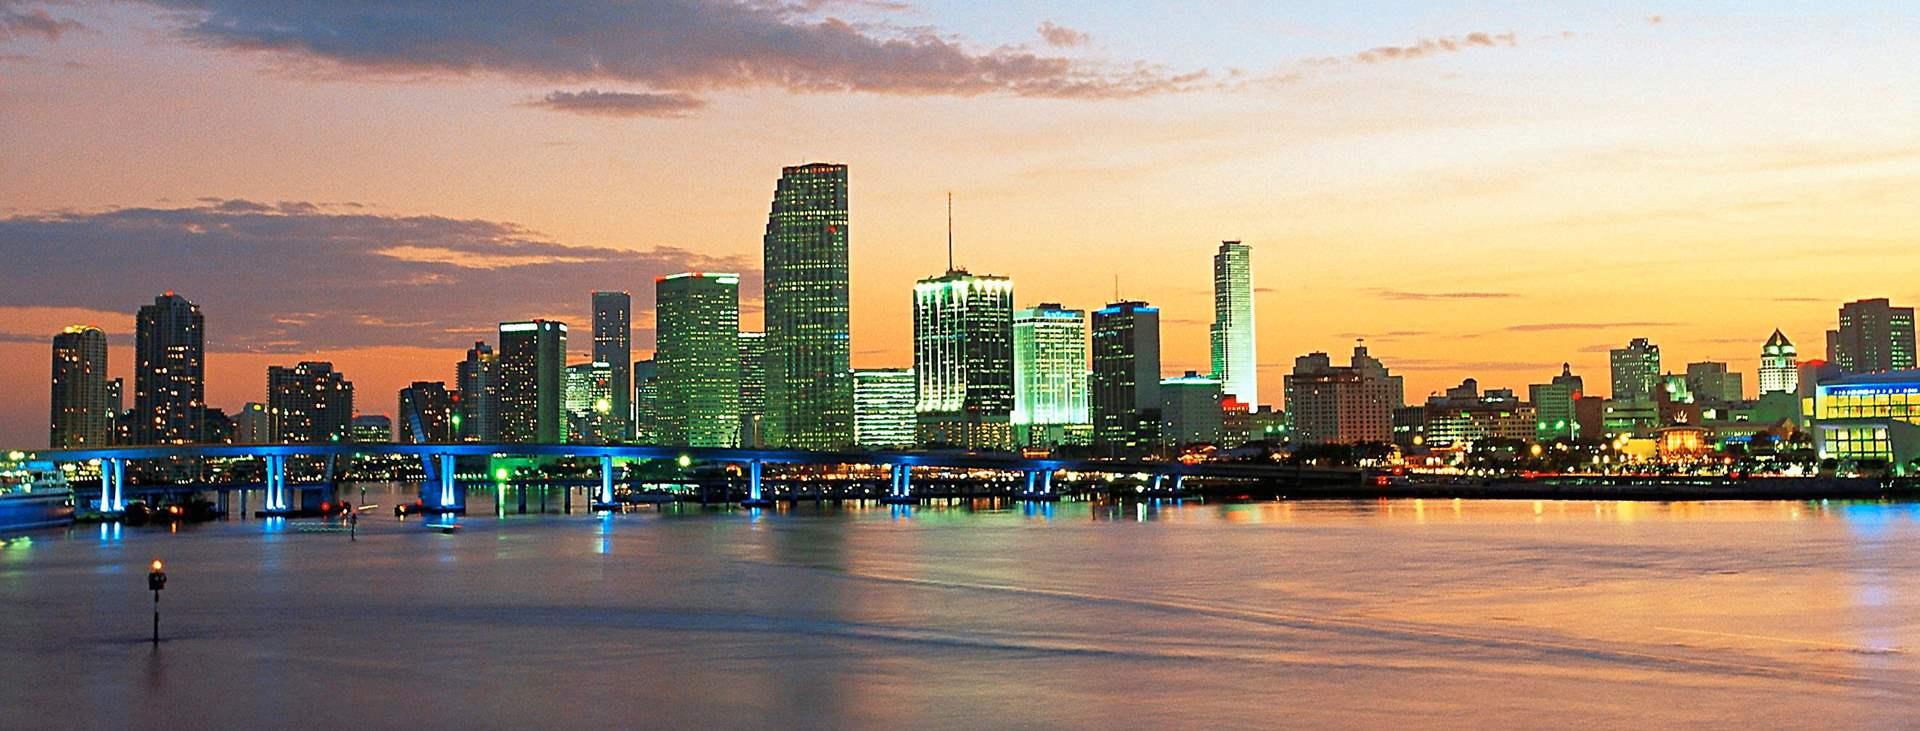 Bestill en reise med fly og hotell til USA